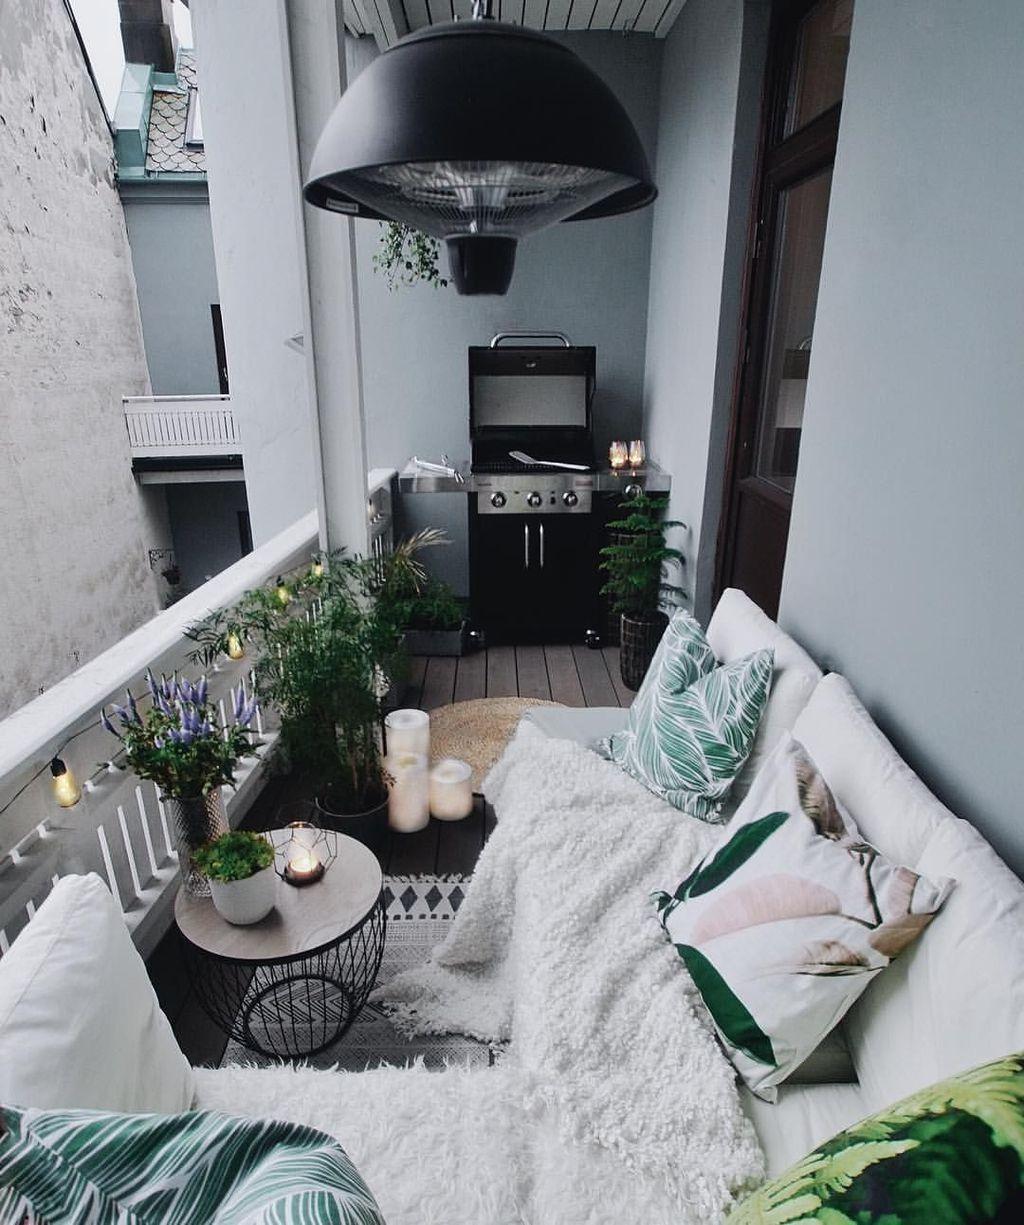 Photo of Fancy Apartment Décor Ideas  #decorations #decorationideas #decorationmaison